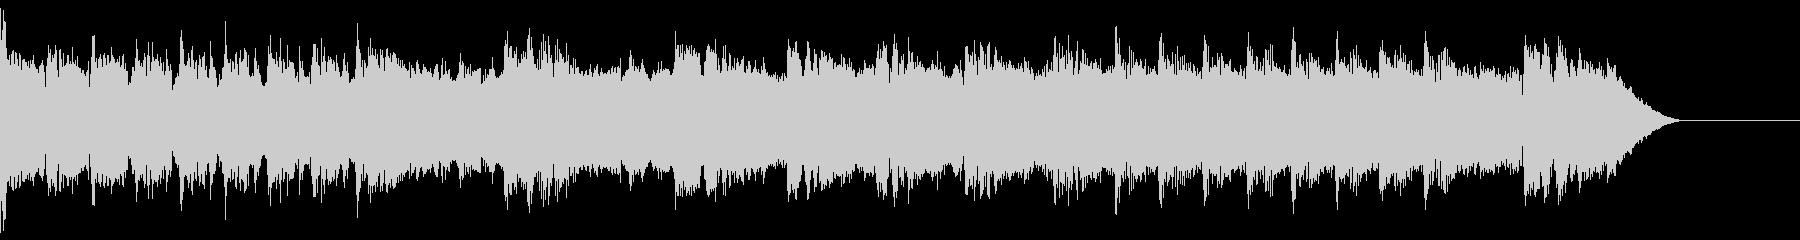 ゲーム:ピコピコしている音の未再生の波形